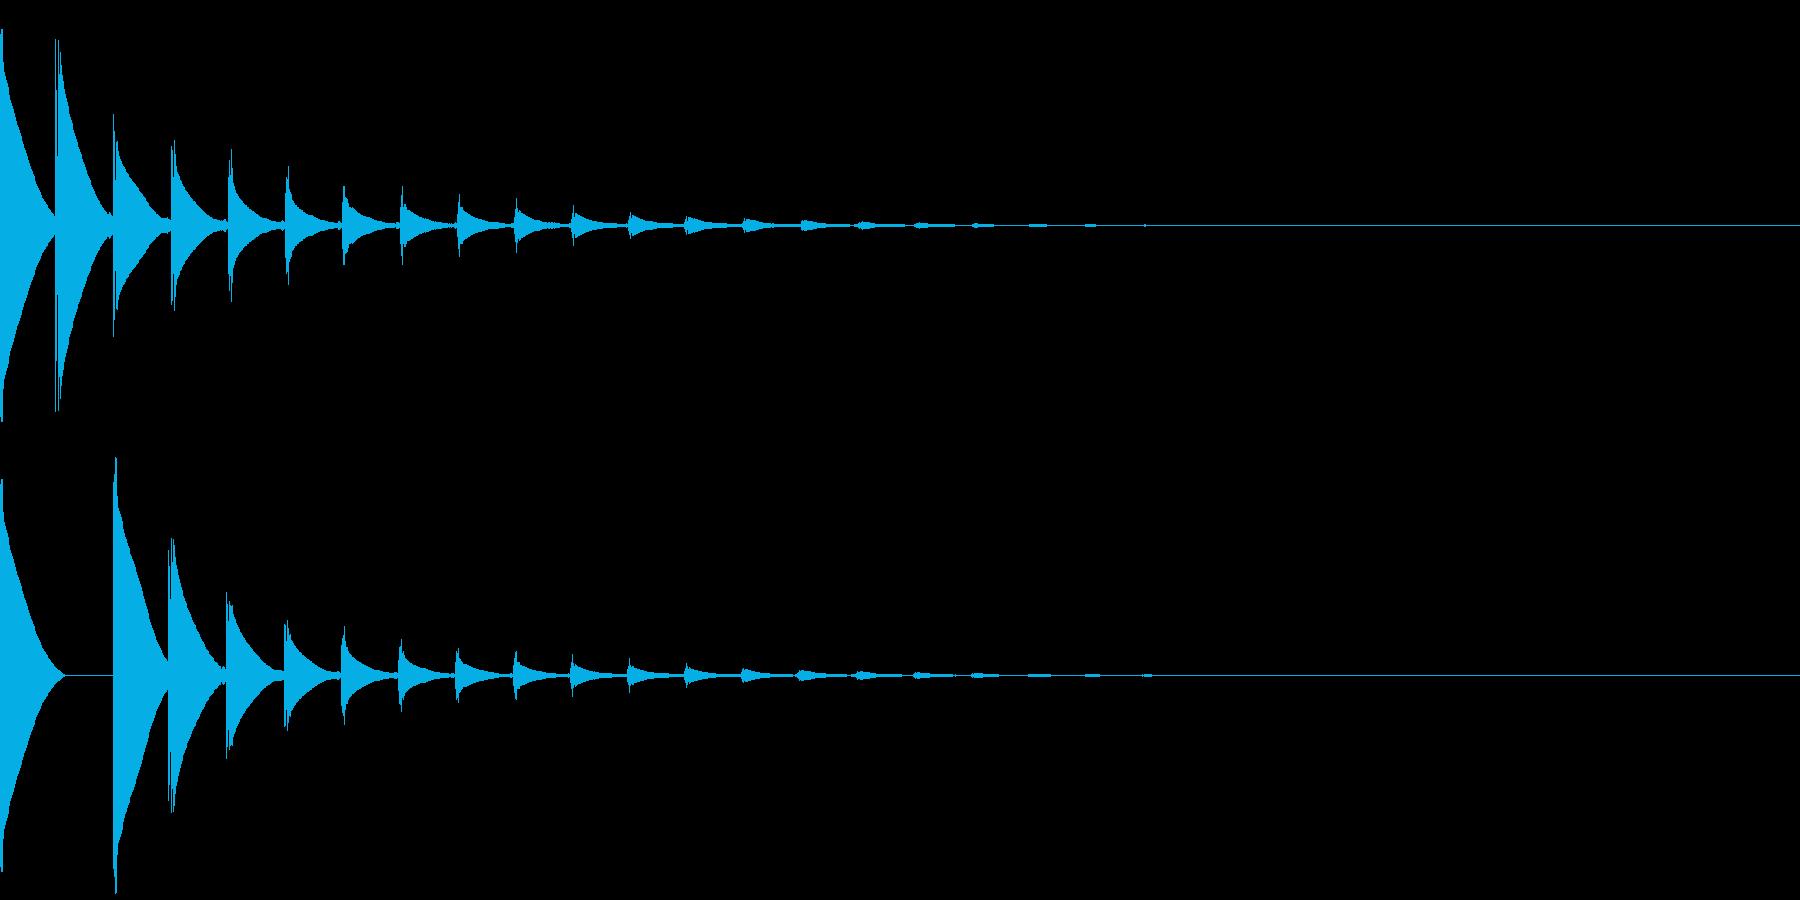 ポンポンポンポンポポ・・・の再生済みの波形